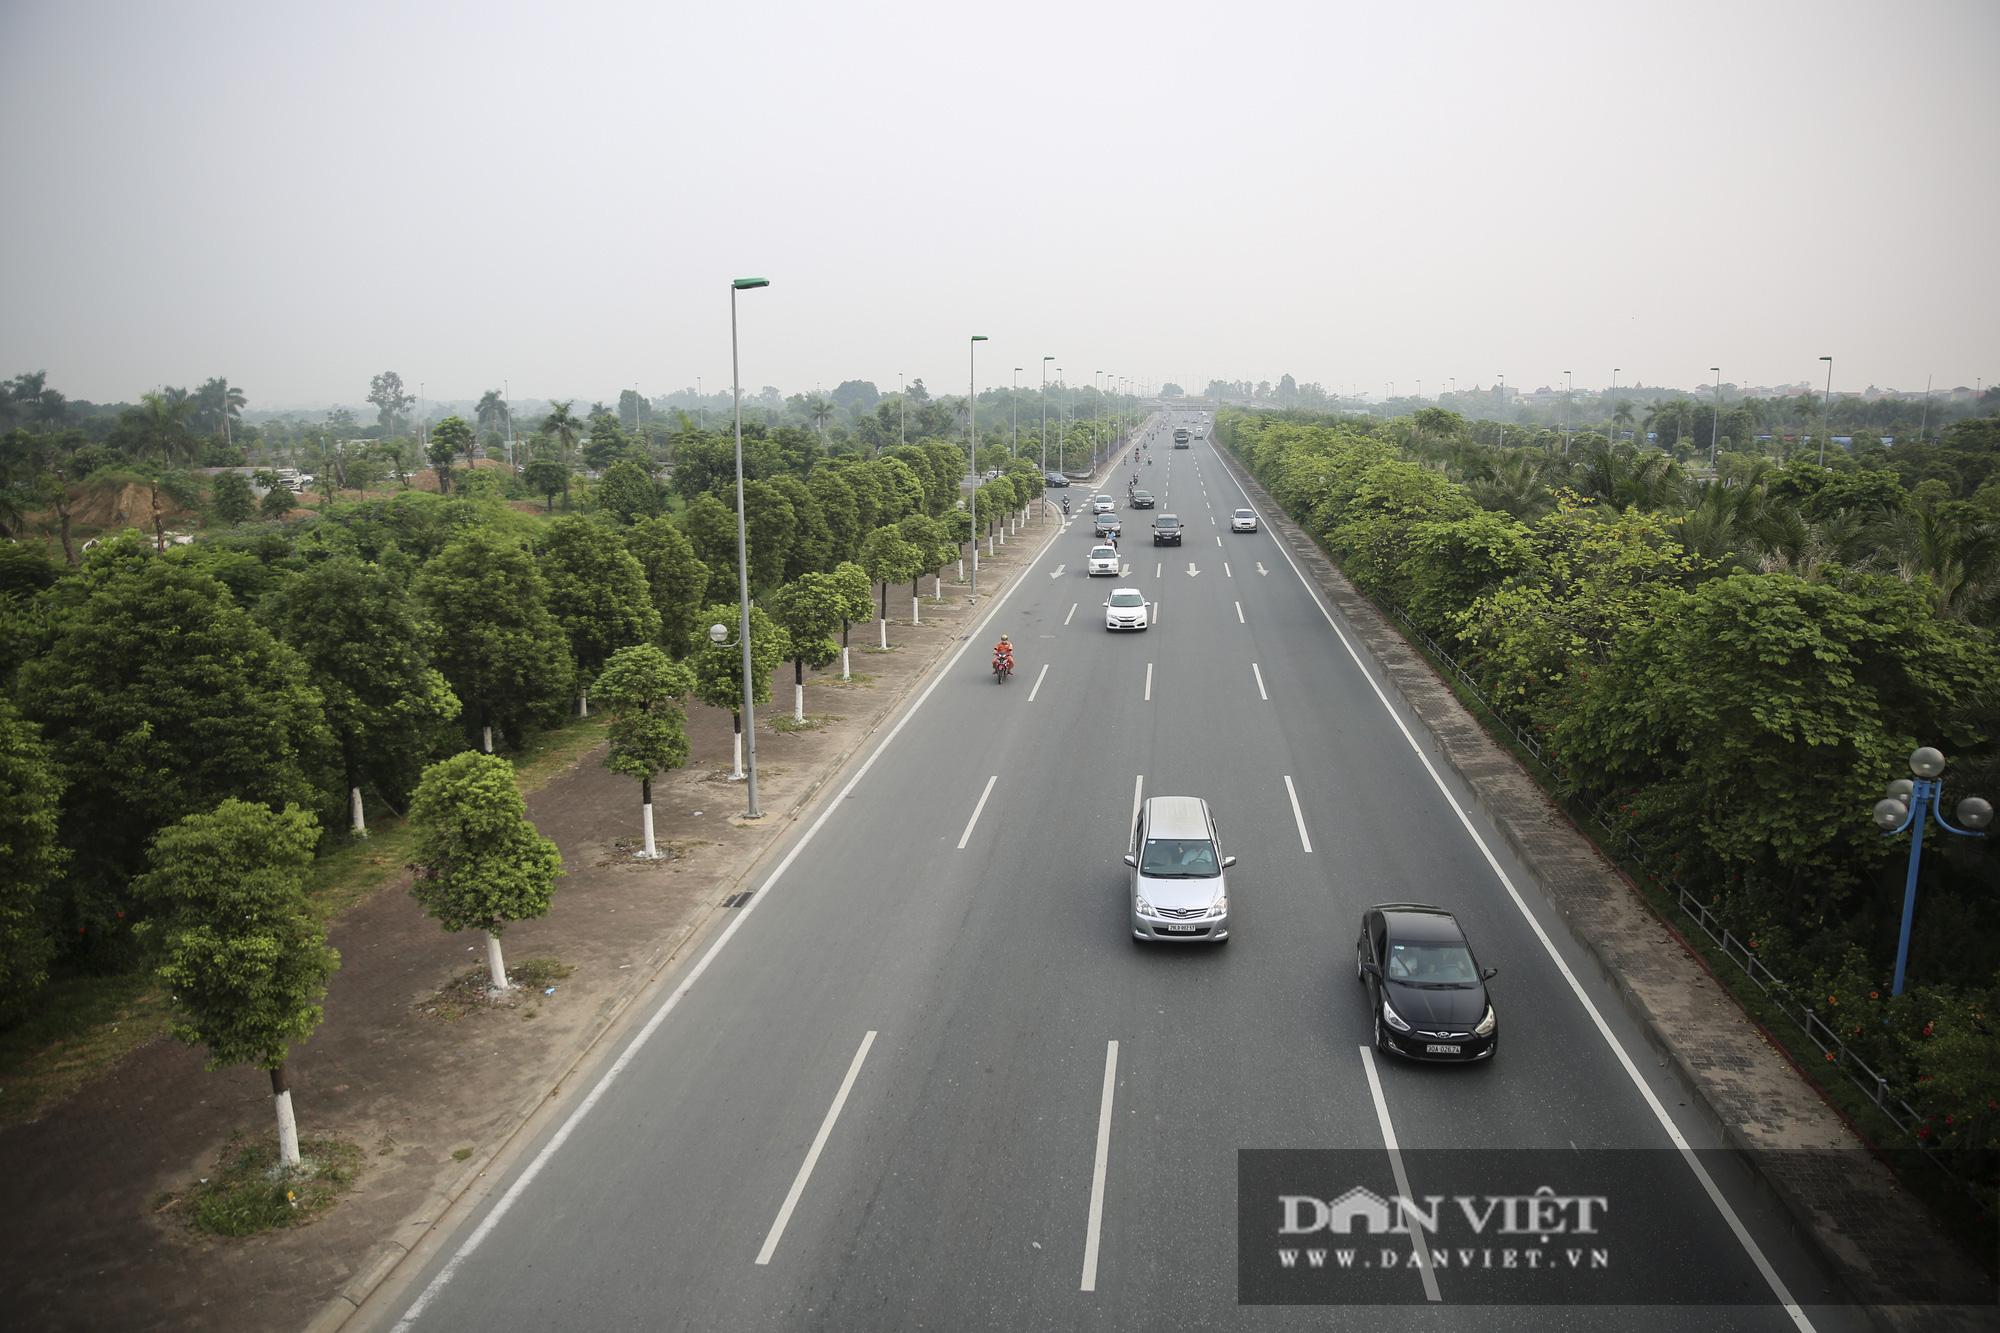 Cập nhật tình hình giao thông tại các cửa ngõ vào nội thành Hà Nội sau nghỉ lễ 2/9 - Ảnh 2.